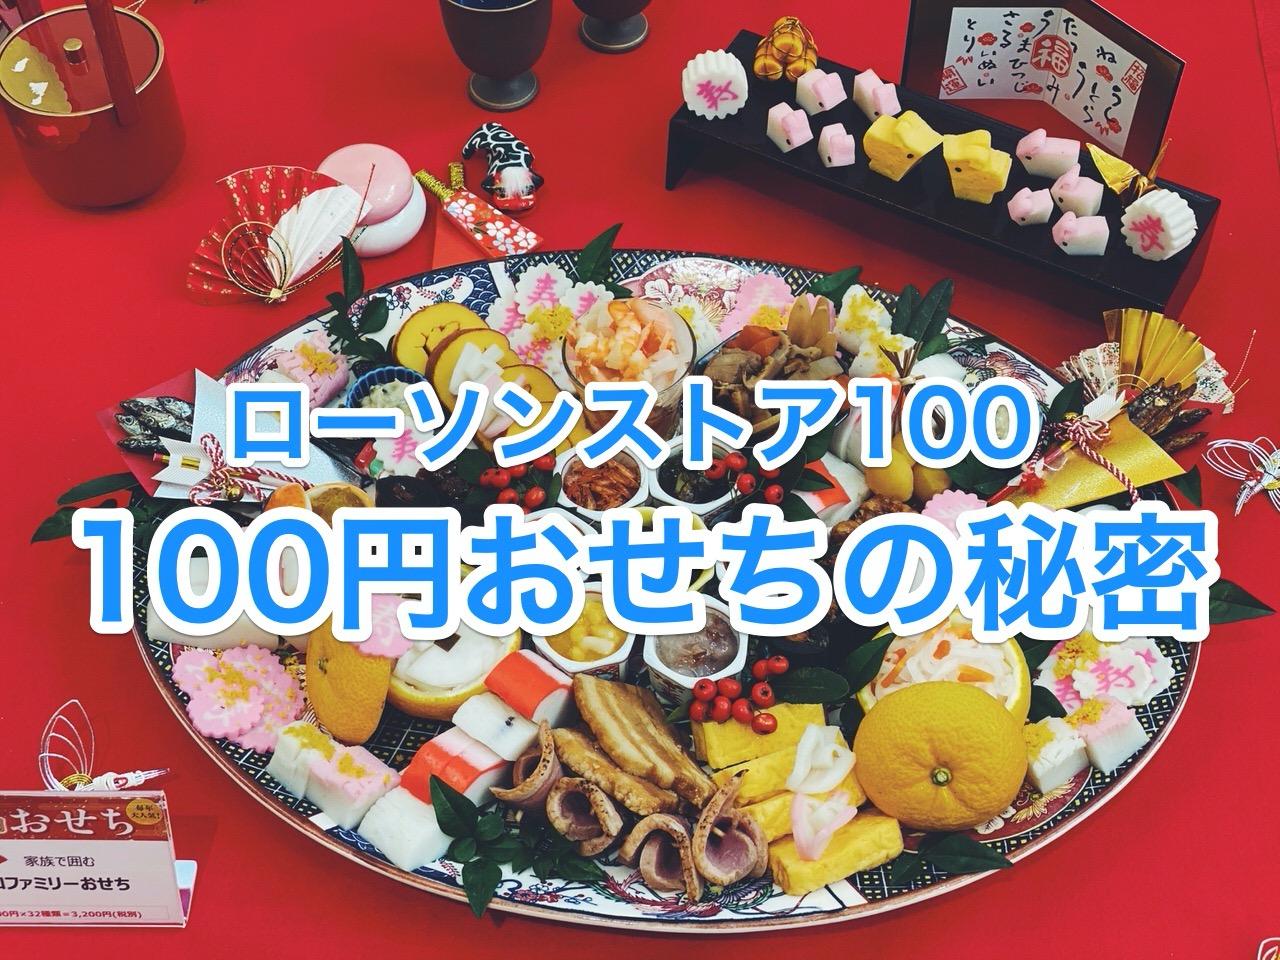 「100円おせち」史上最多となる32種類が登場!なぜローソンストア100のおせちはこんなに安くて美味いのか?